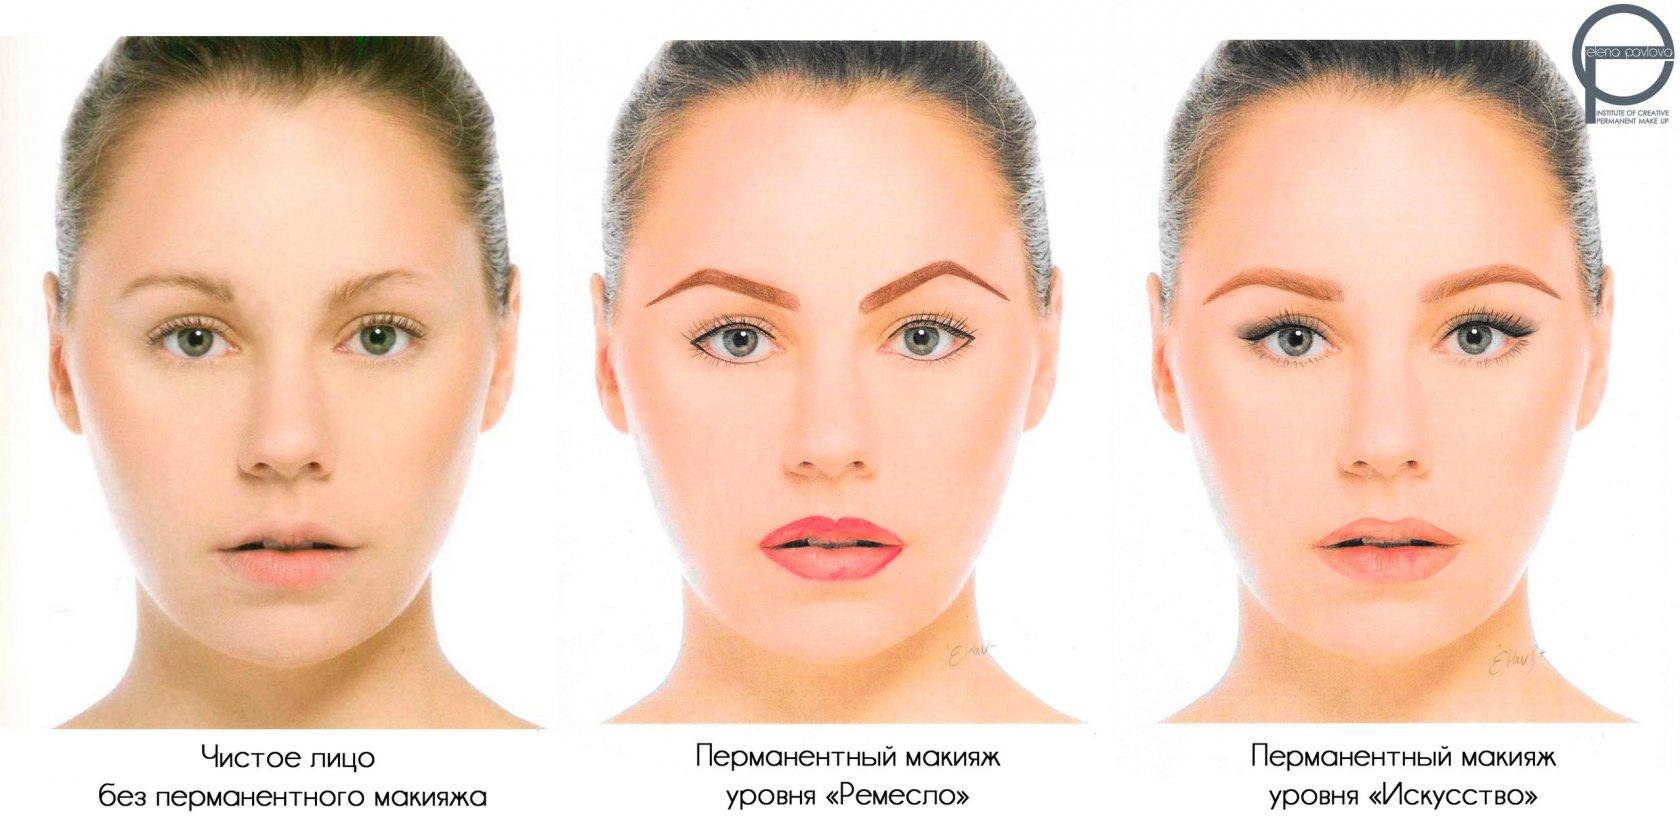 Как правильно наносить перманентный макияж